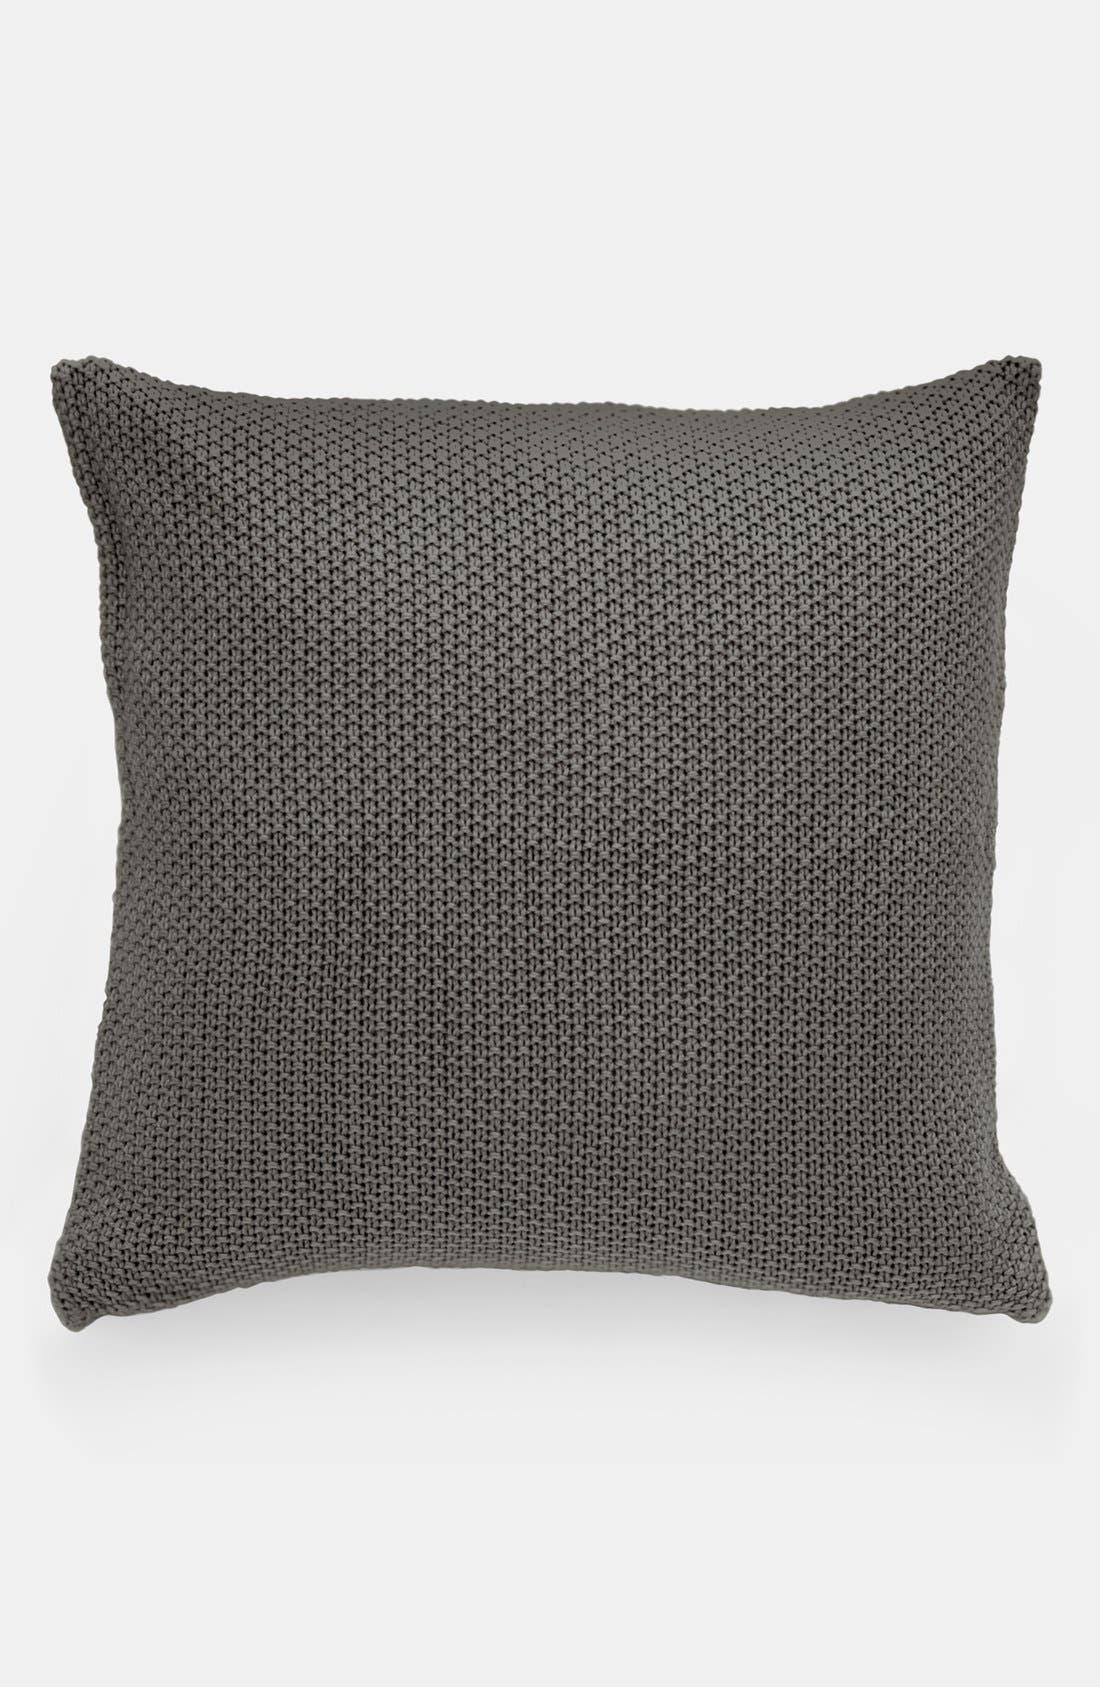 Main Image - Donna Karan 'Essentials - Knit' Euro Sham (Online Only)